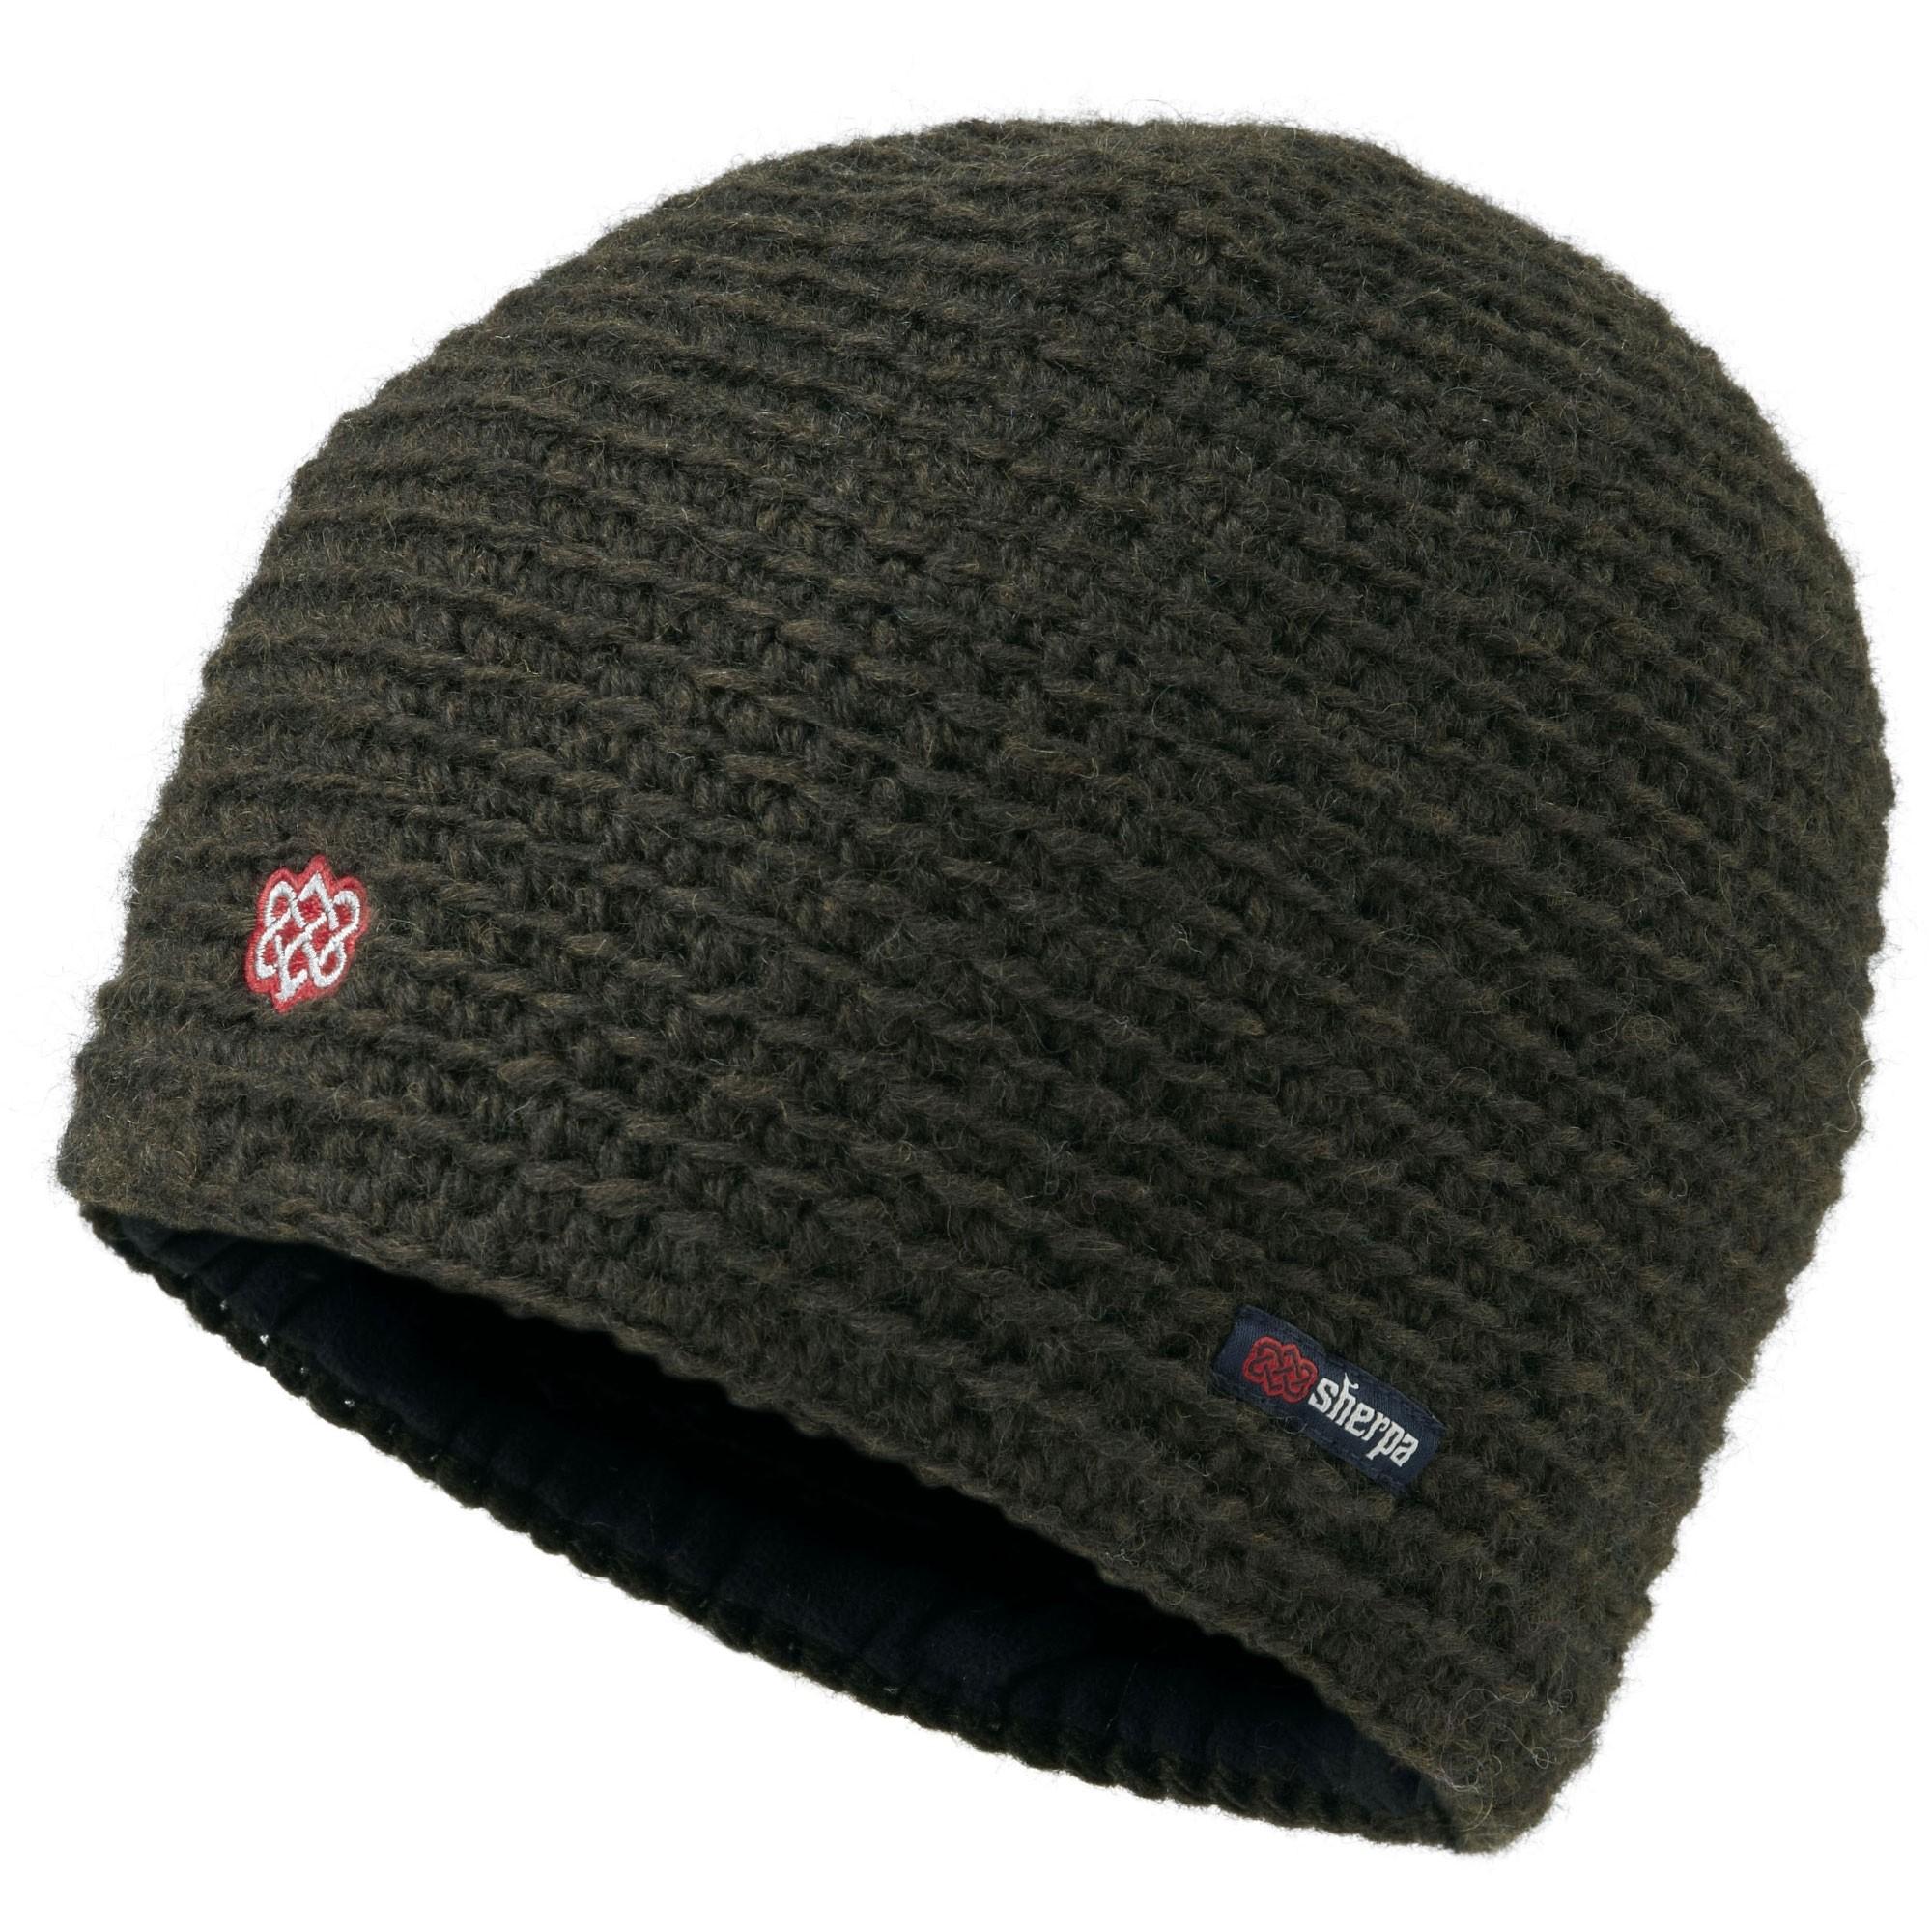 Sherpa-Adventure-Gear-Jumla-Hat-Juniper-W17